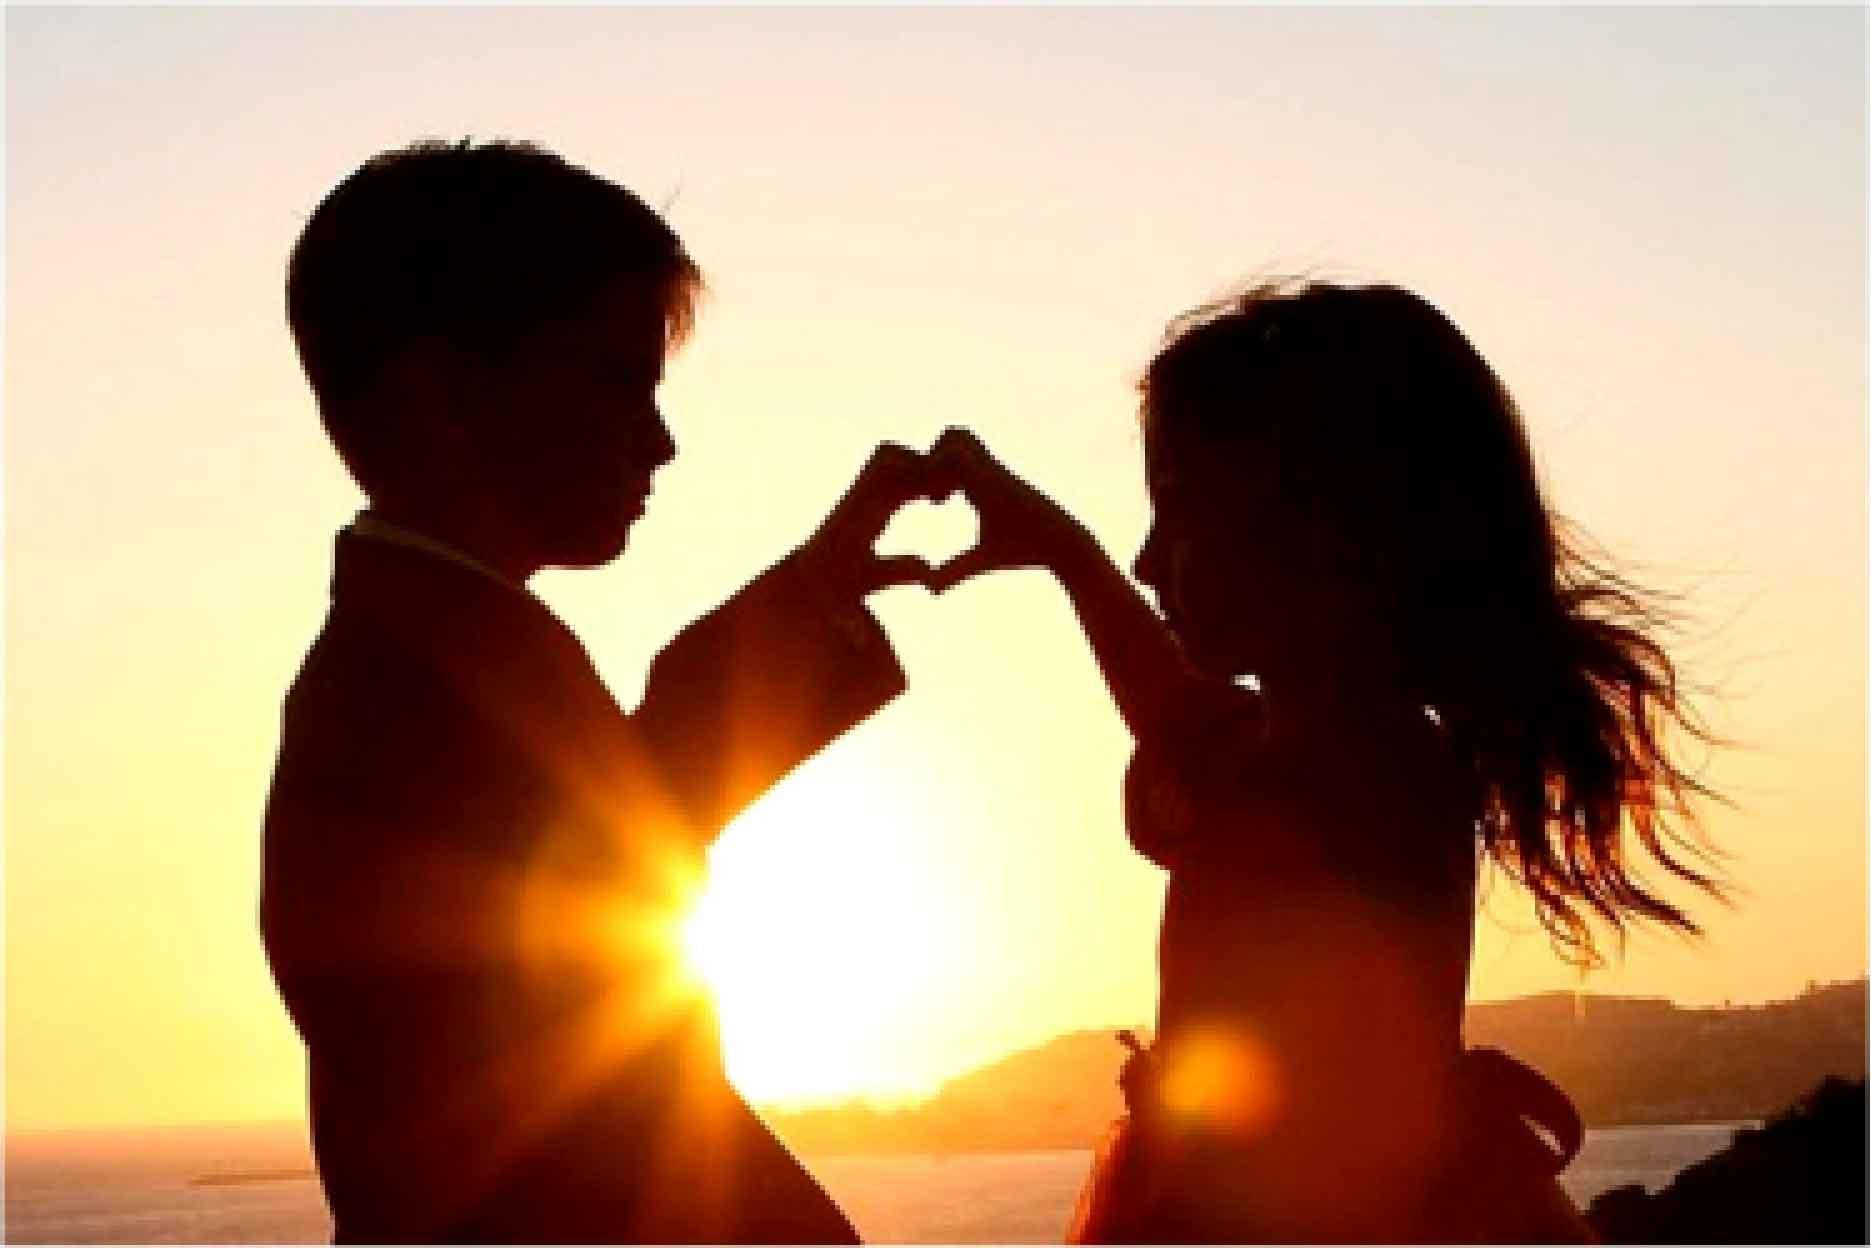 بالصور صور حب من غير كلام , بوستات حب ورومانسية بدون كلمات 4886 3